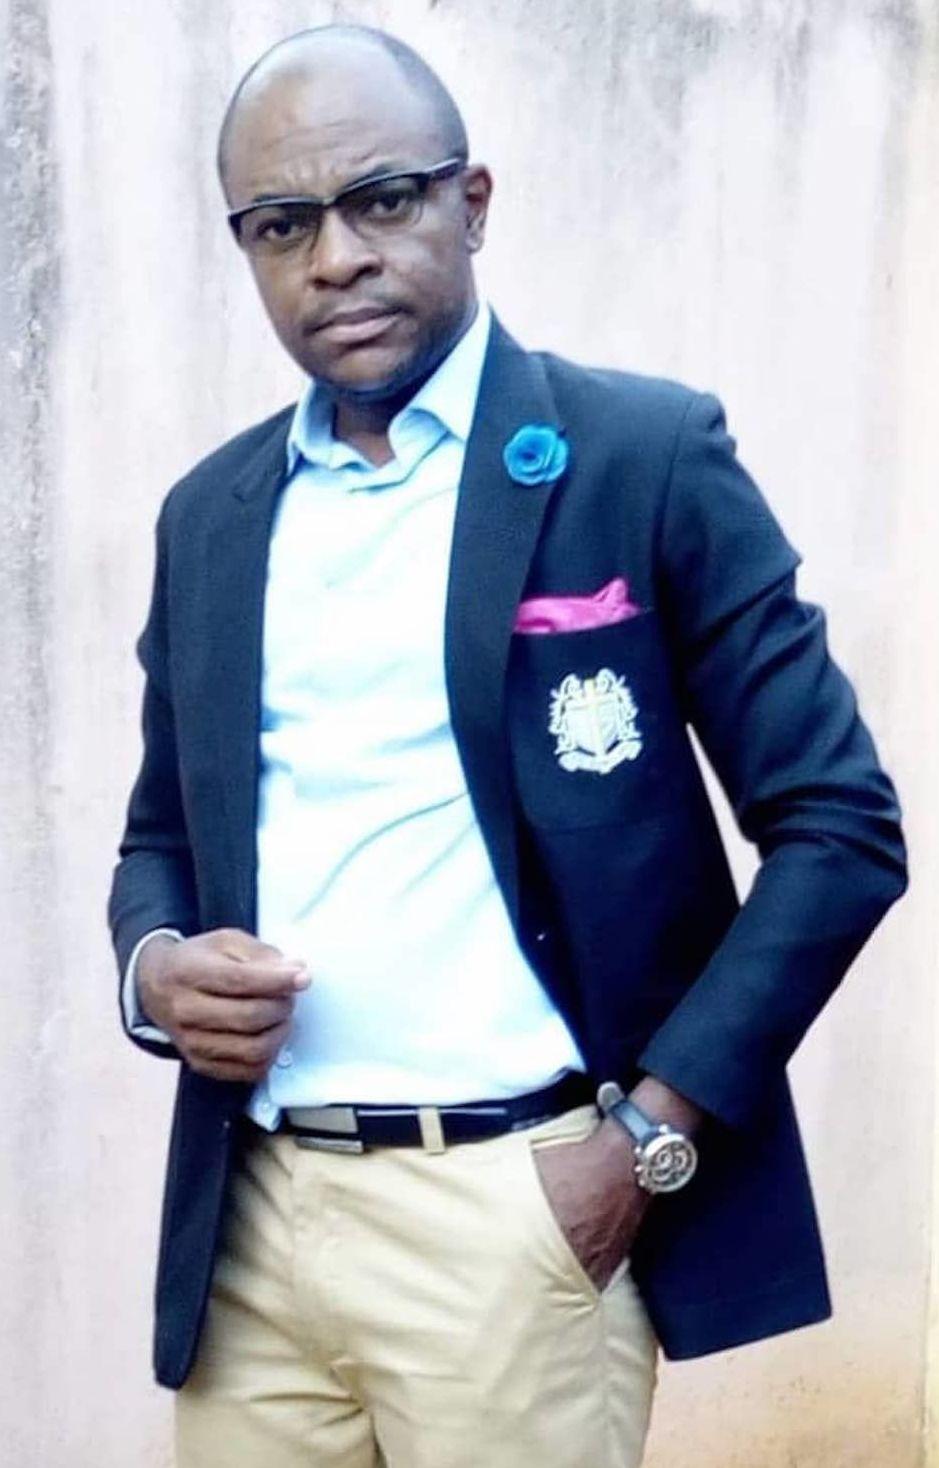 Richard Makon, analyste politique camerounais, spécialiste du droit public, chercheur en sciences sociales à l'université de Yaoundé 2 au Cameroun